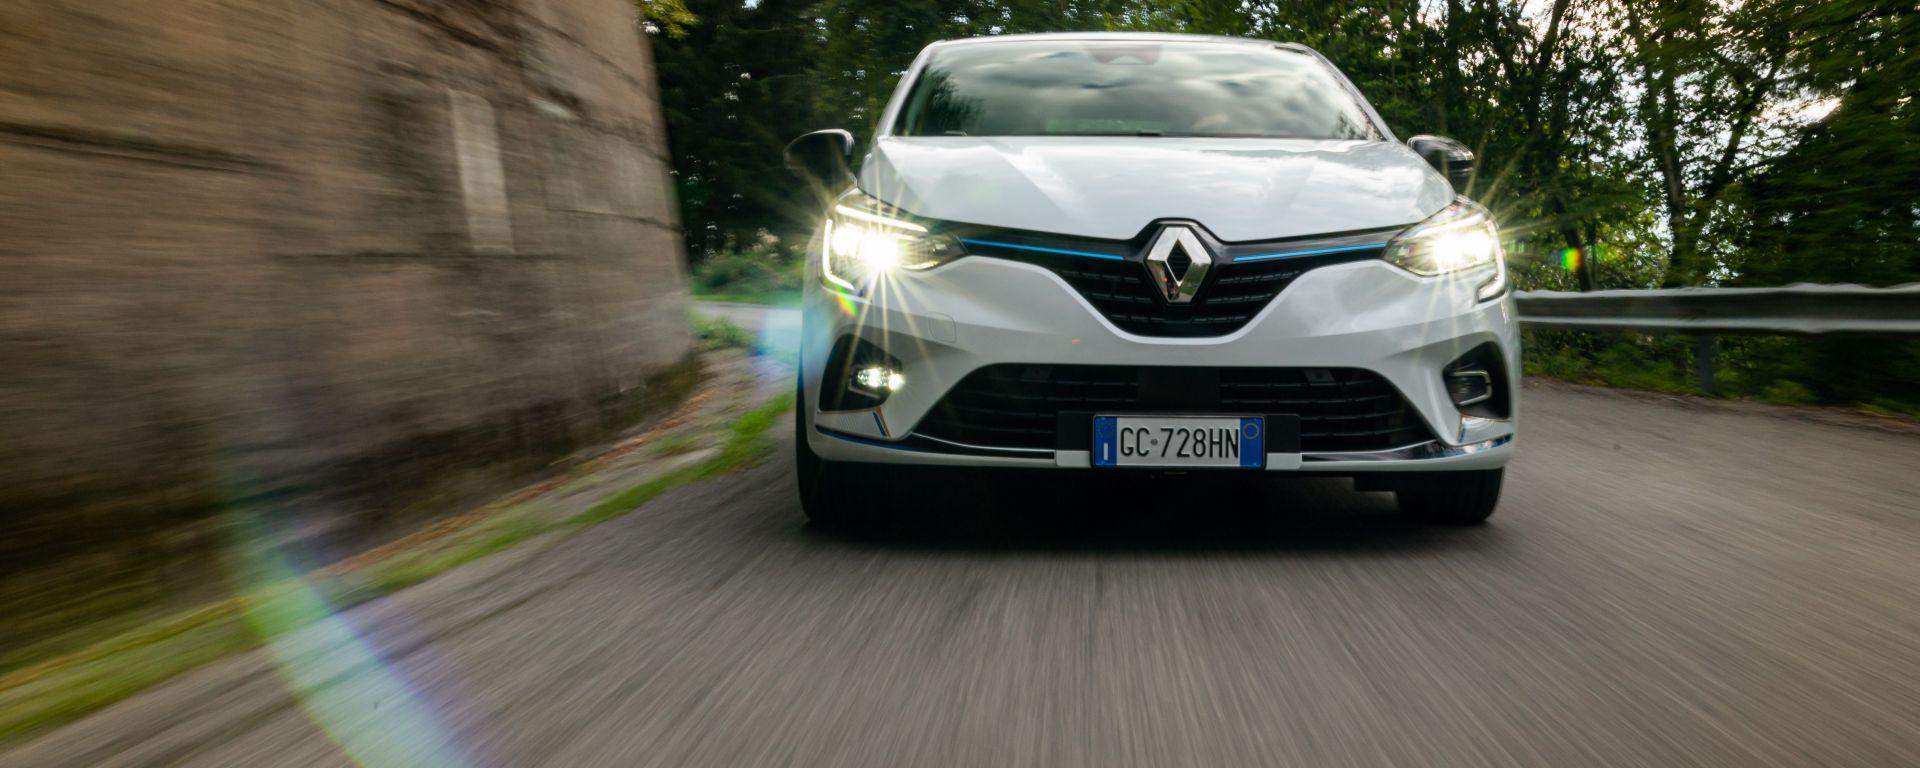 Renault Clio E-Tech ibrida: un momento della prova